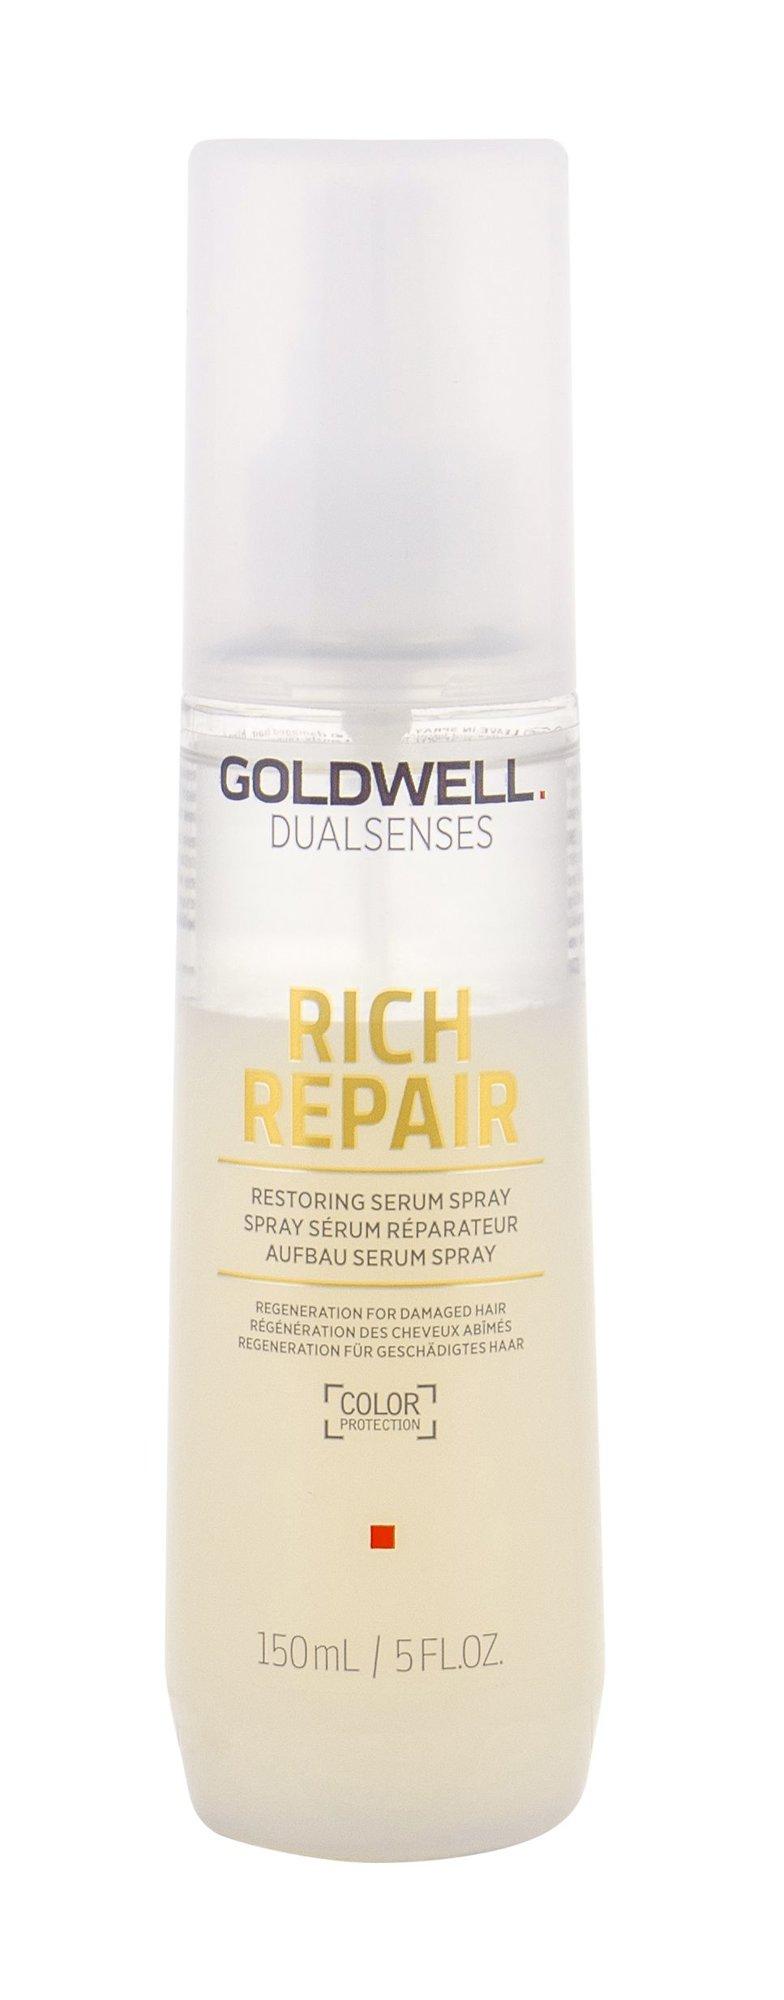 Goldwell Dualsenses Rich Repair Hair Oils and Serum 150ml